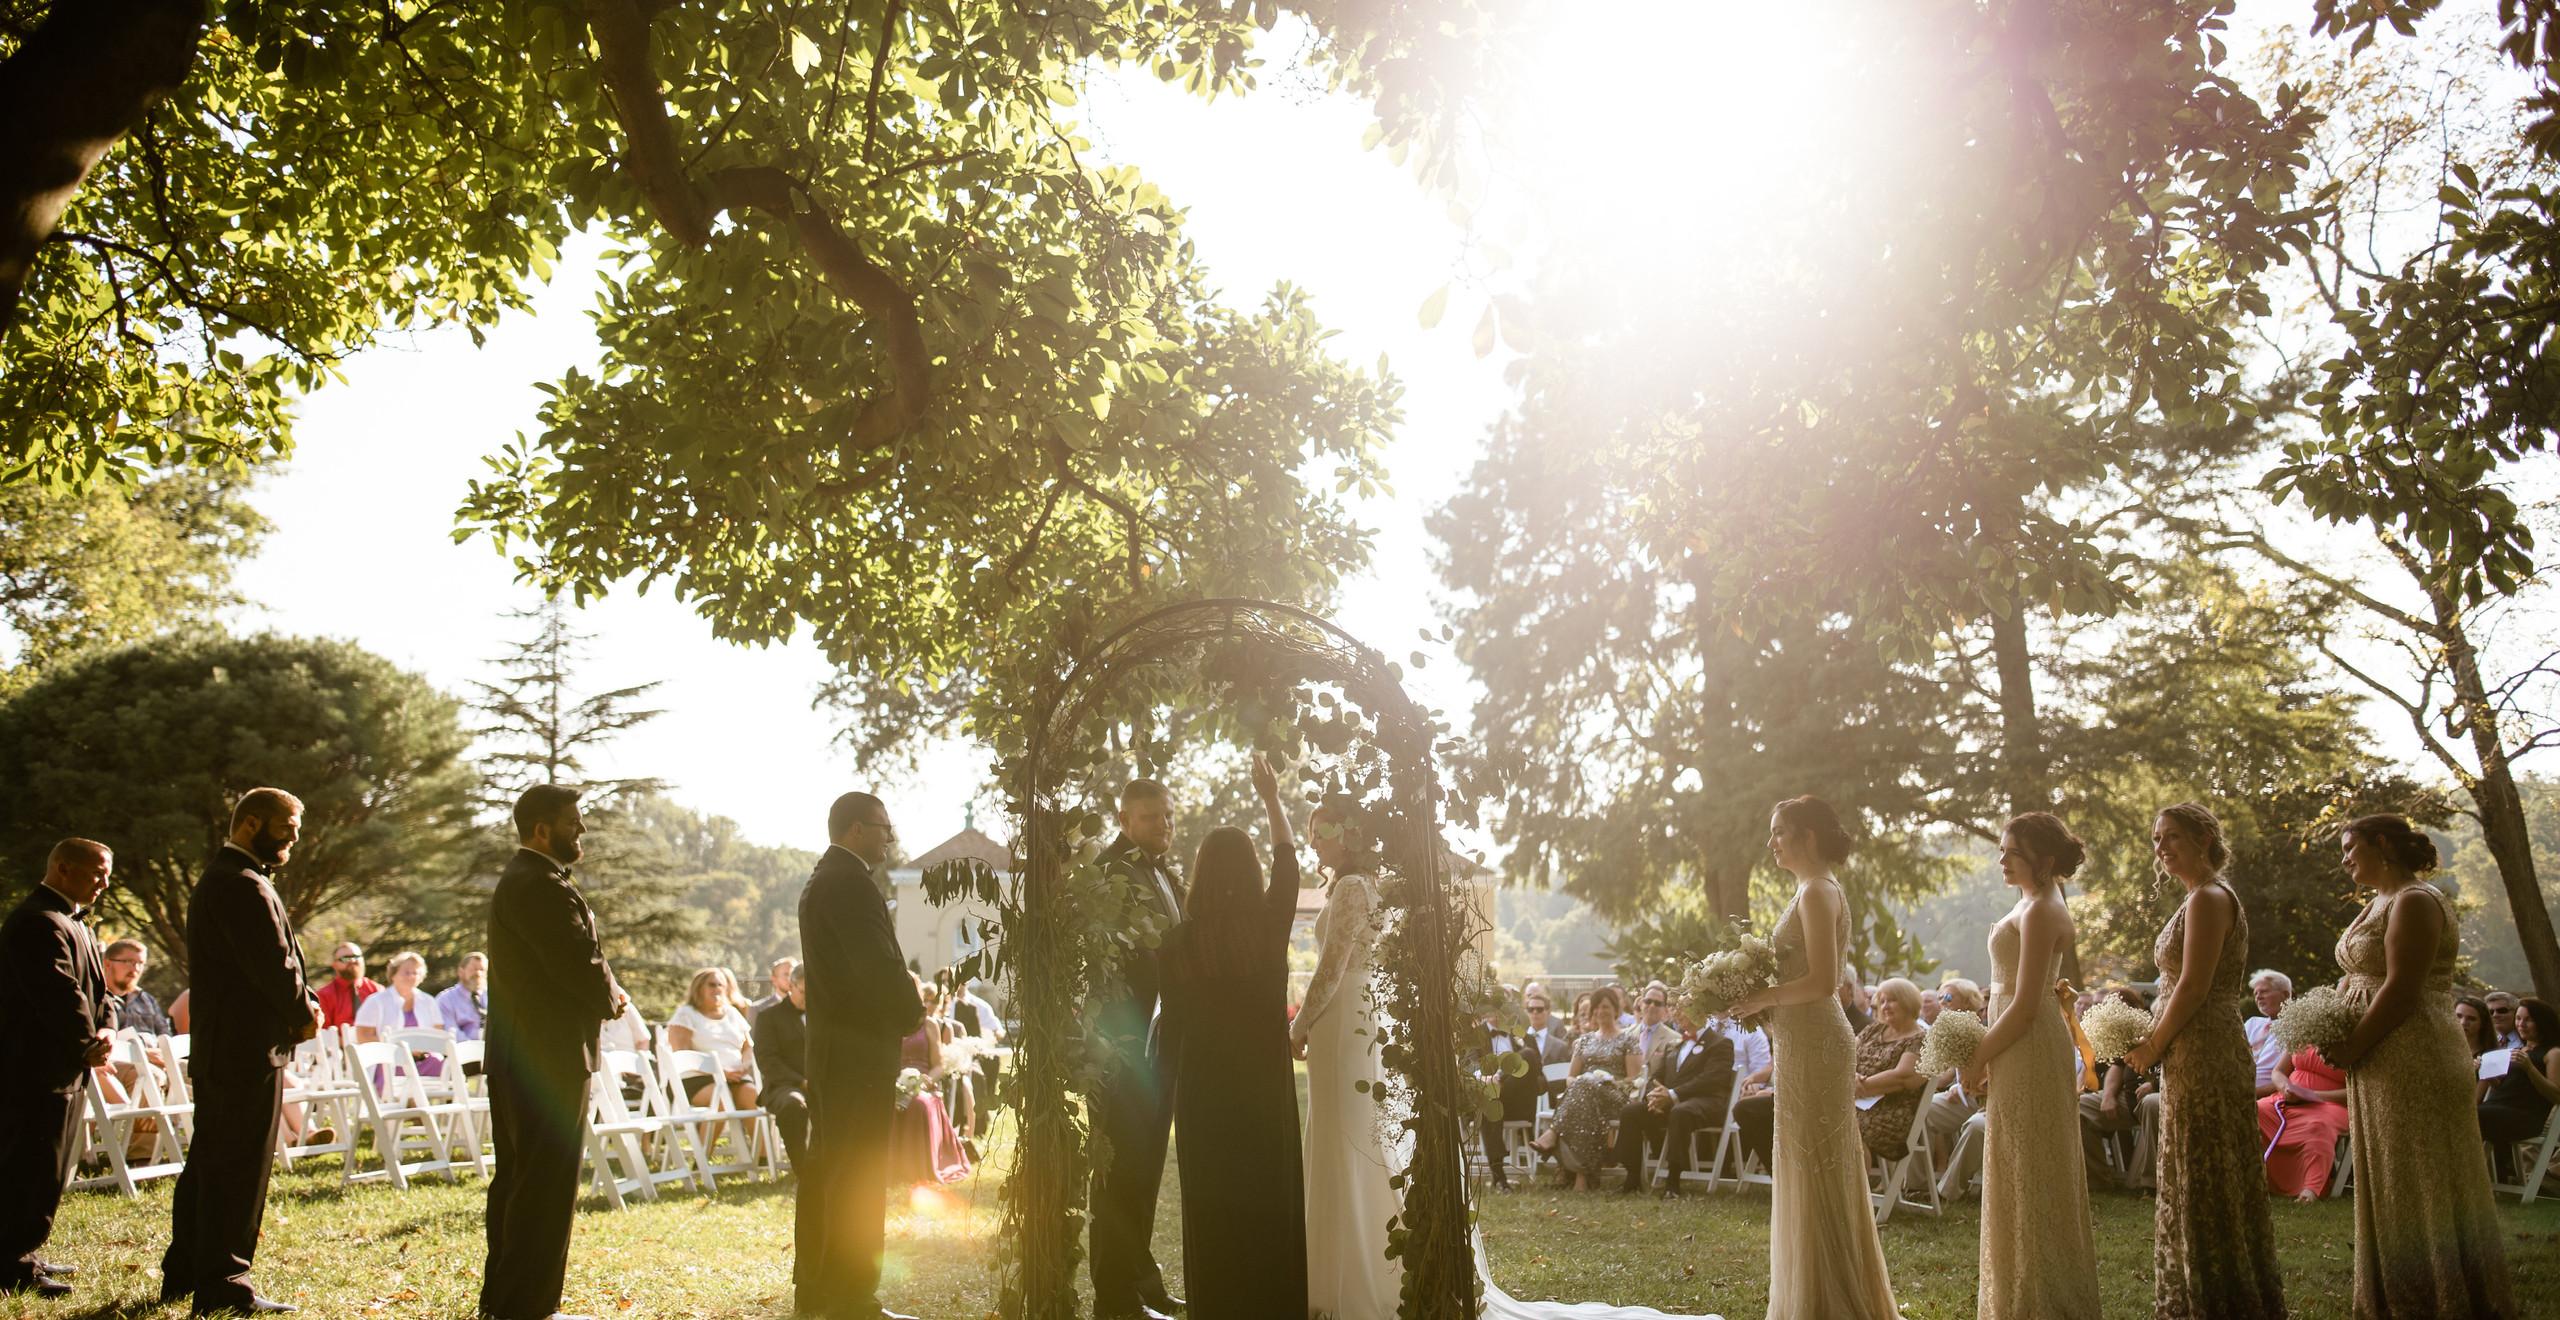 wedding ceremony underneath tree